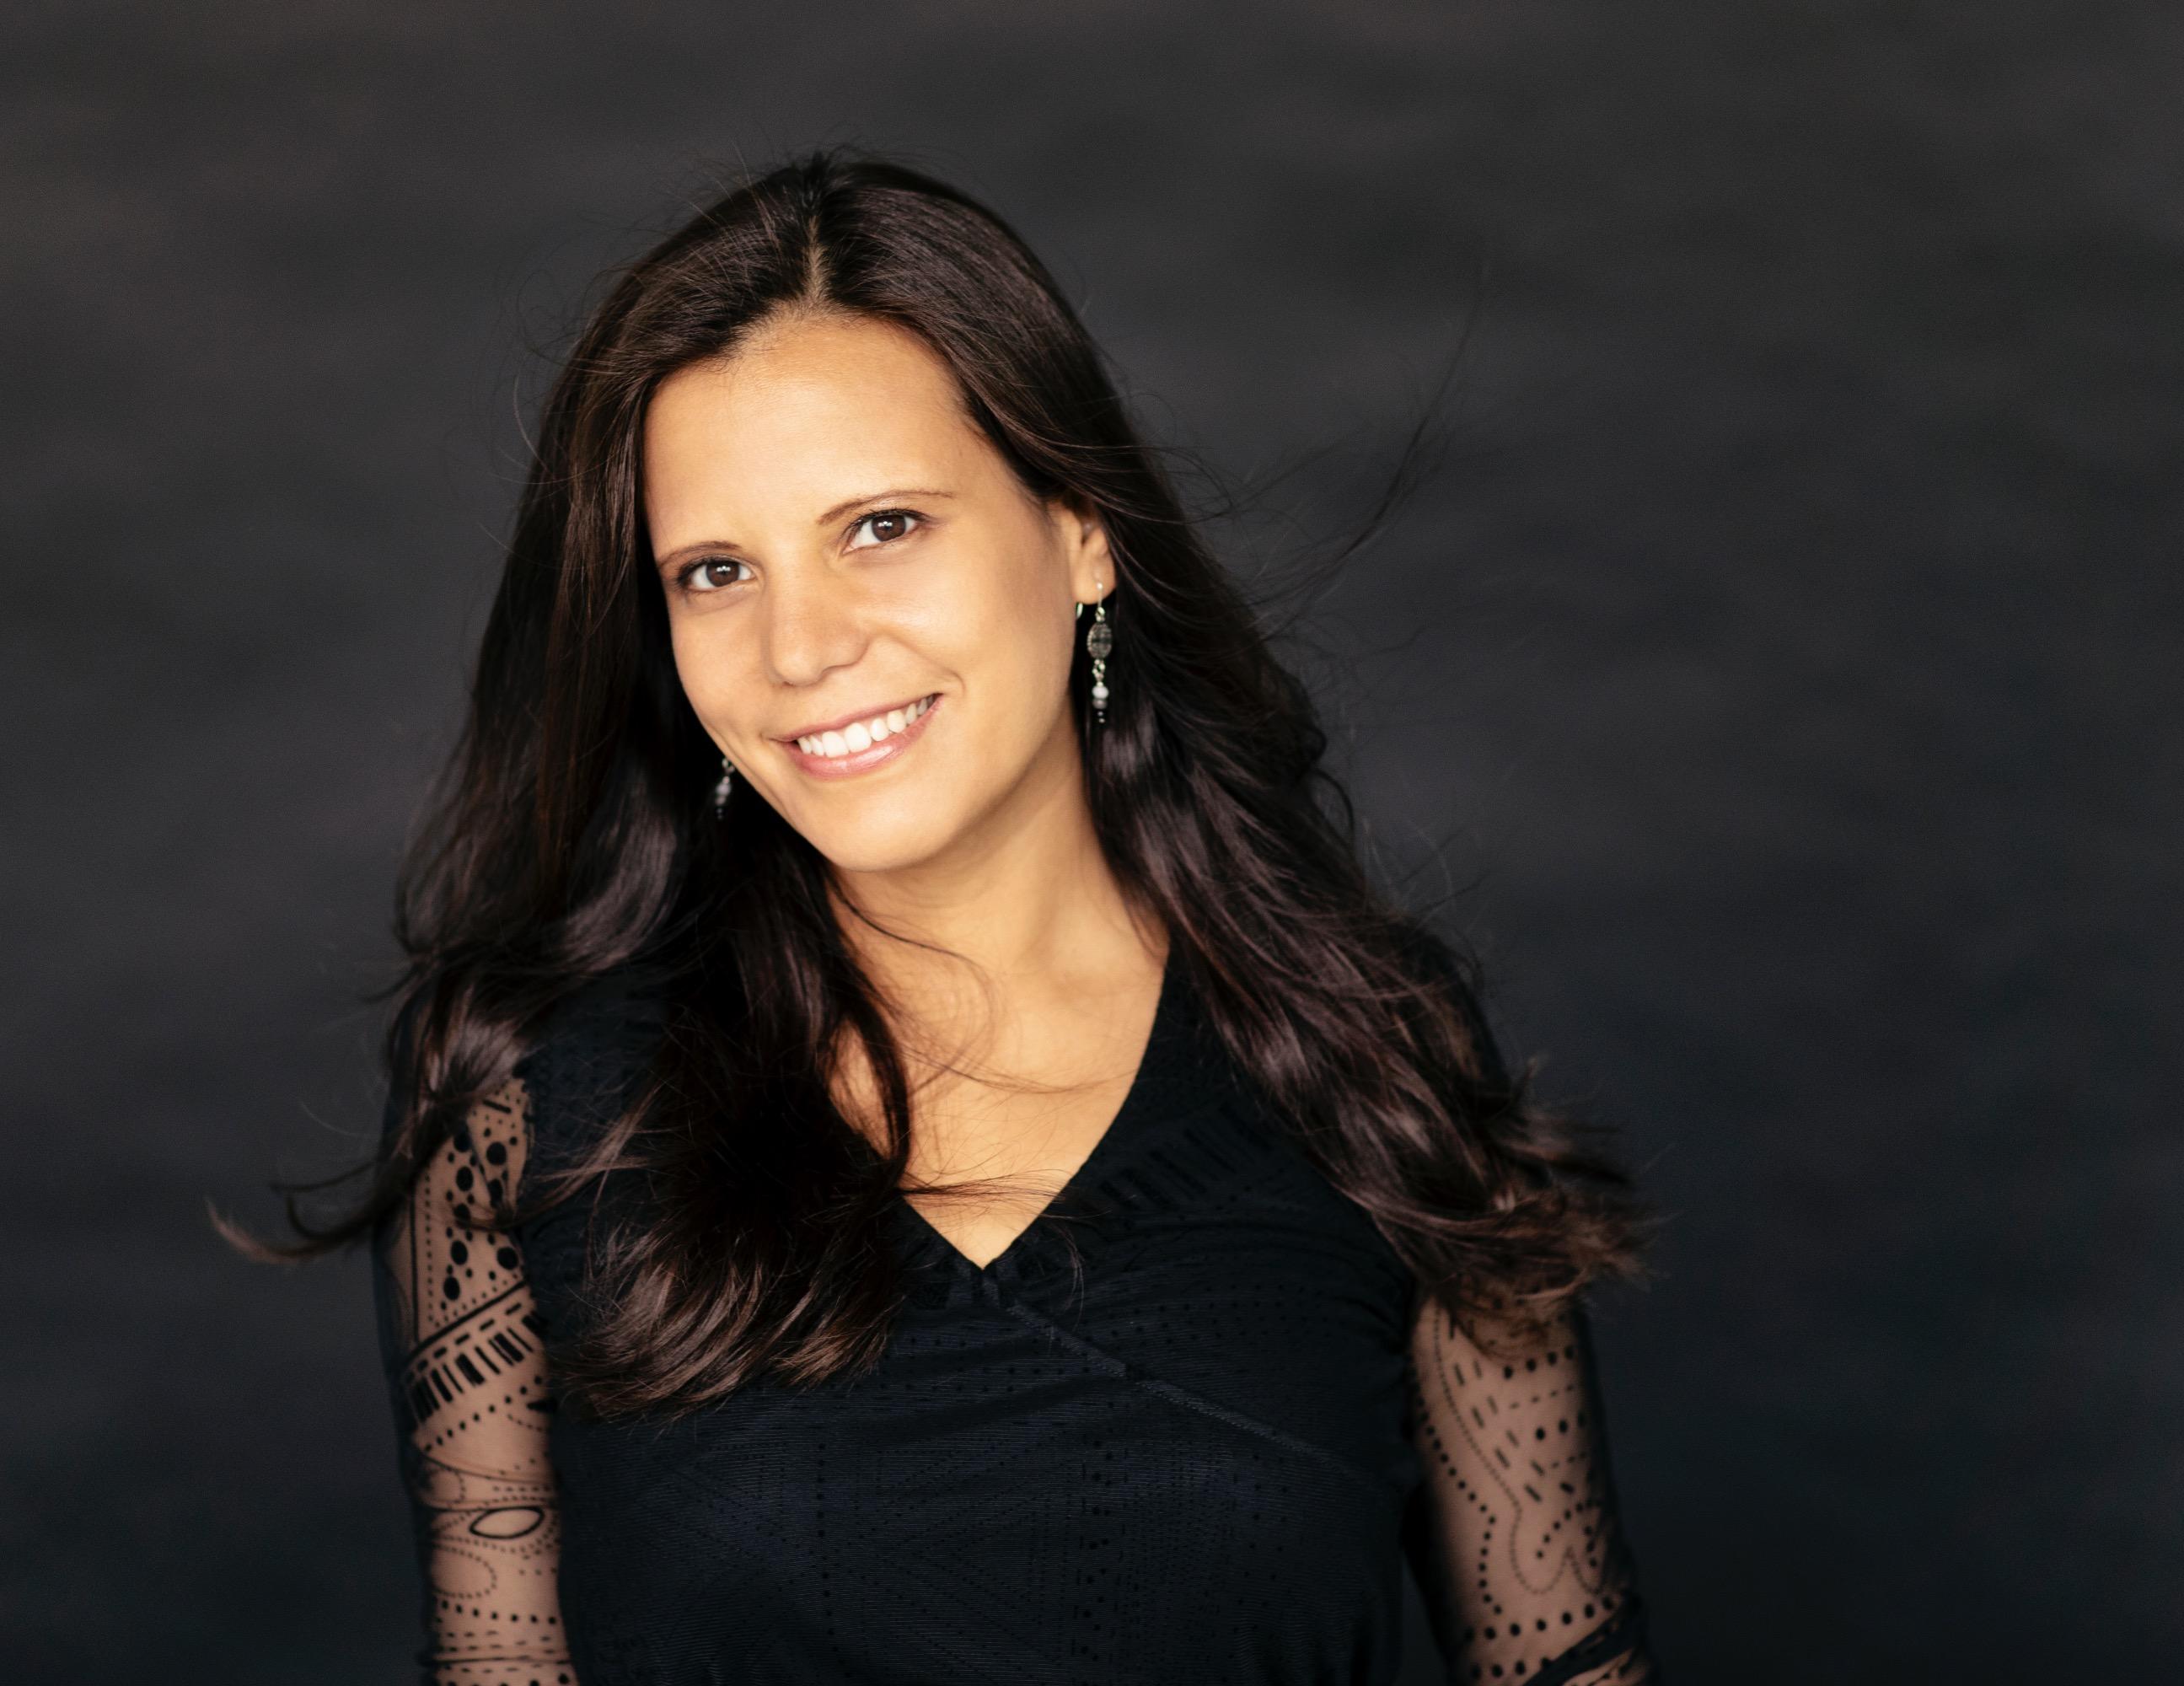 Diana Syrse